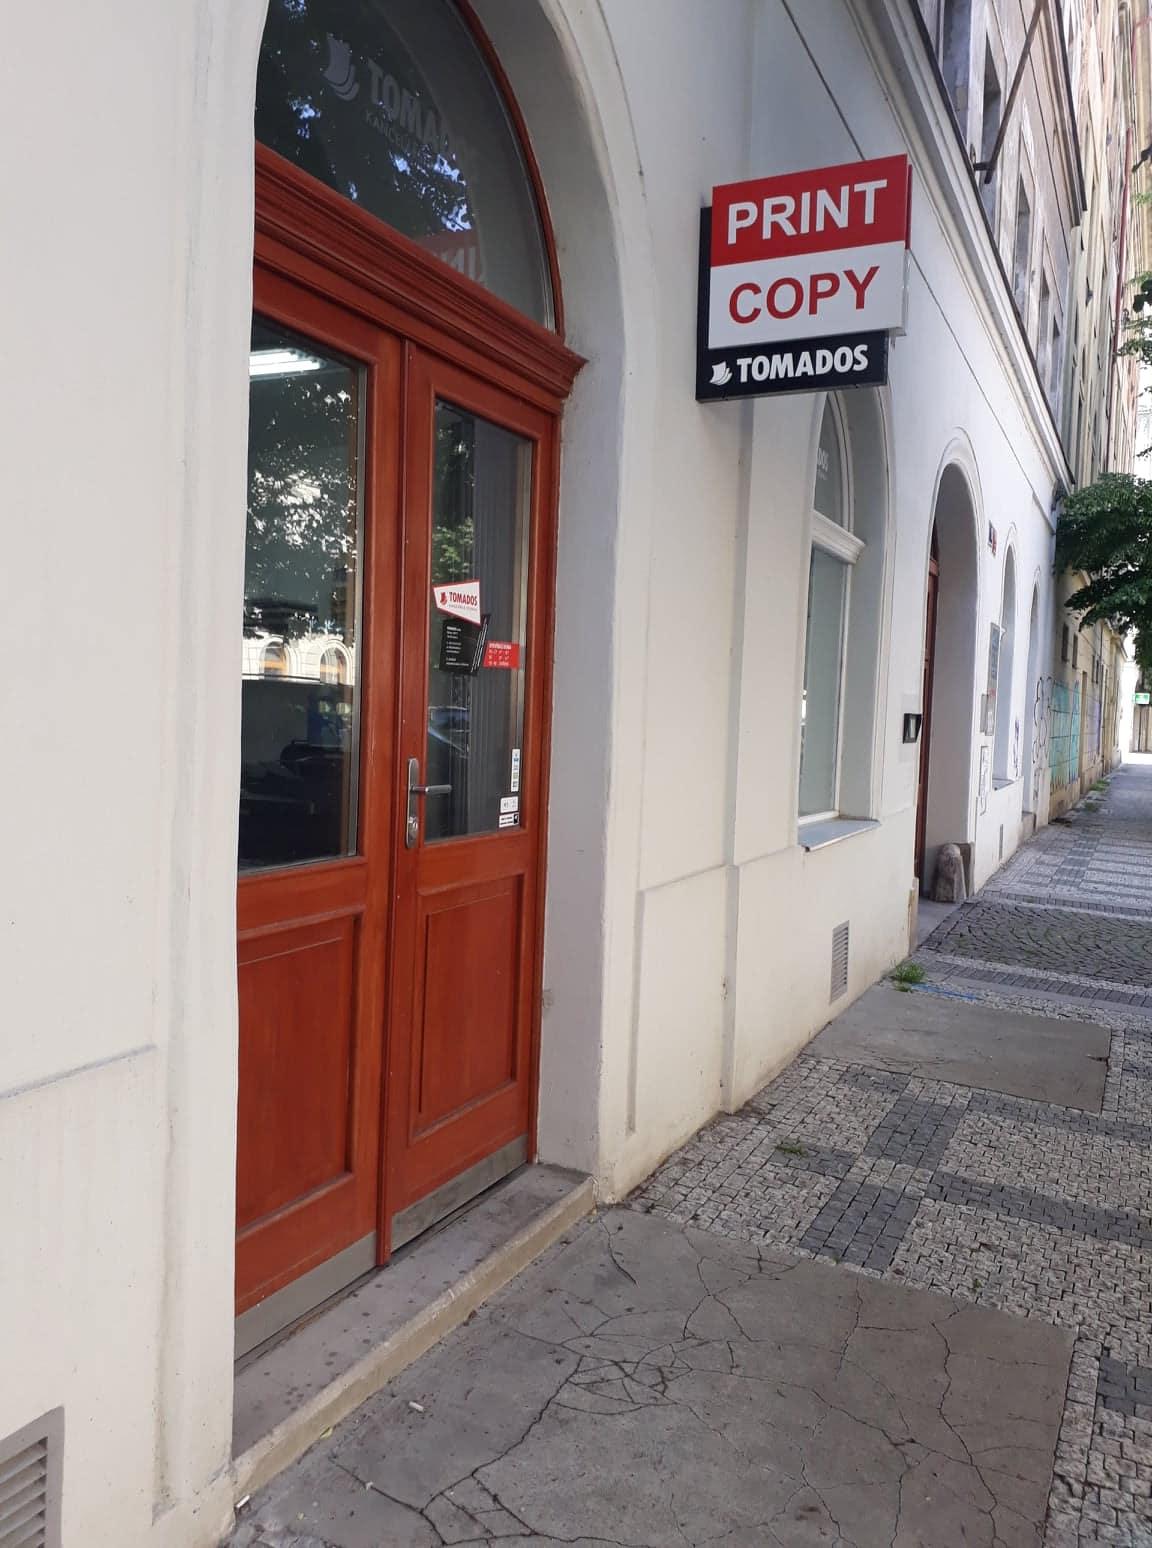 Pronájem tiskáren Praha - na dobu neurčitou, flexibilní a pohodlné řešení pro Vaši firmu.